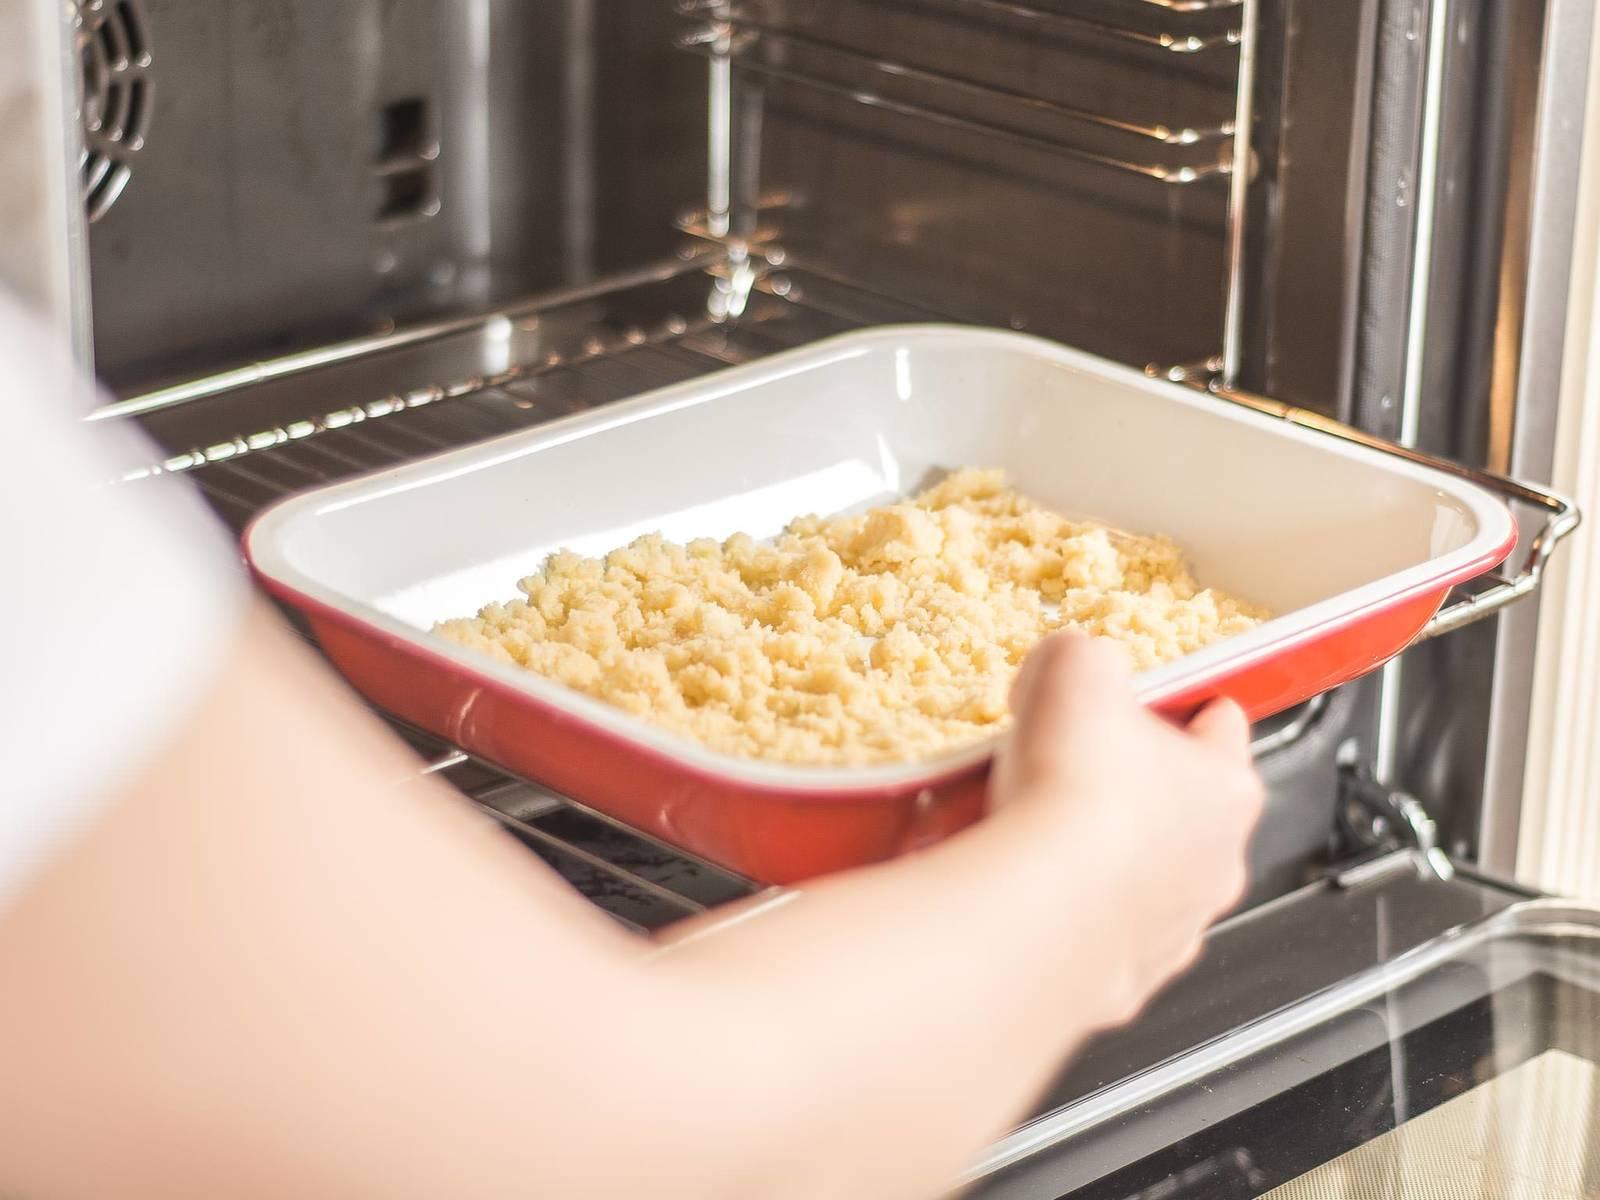 Die Streusel in eine Auflaufform oder auf ein mit Backpapier ausgelegtes Backblech verteilen und im vorgeheizten Ofen bei 160°C ca. 8 – 10 Min. goldgelb und knusprig backen.